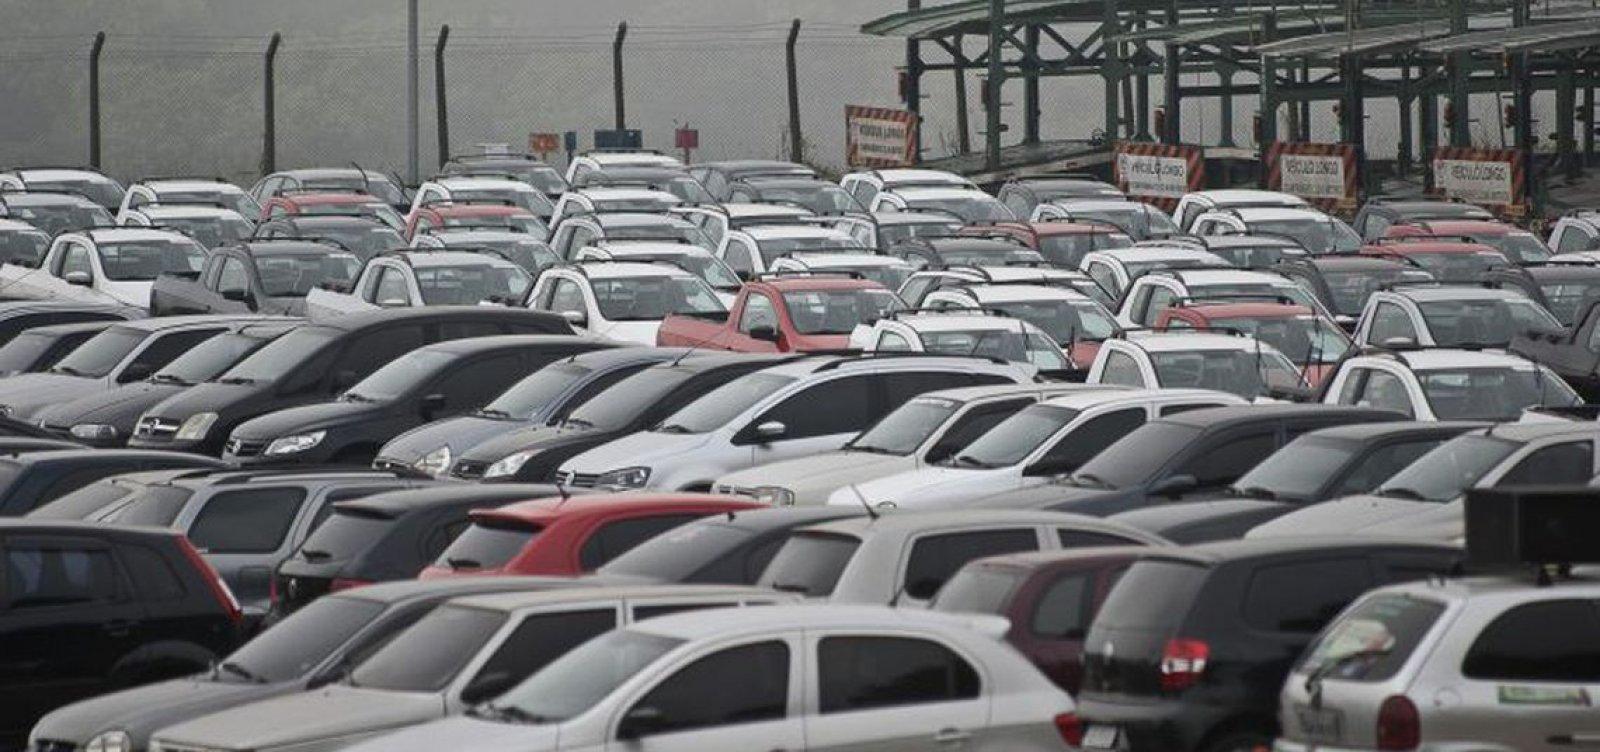 Produção industrial cresce 0,3% de agosto para setembro, diz IBGE